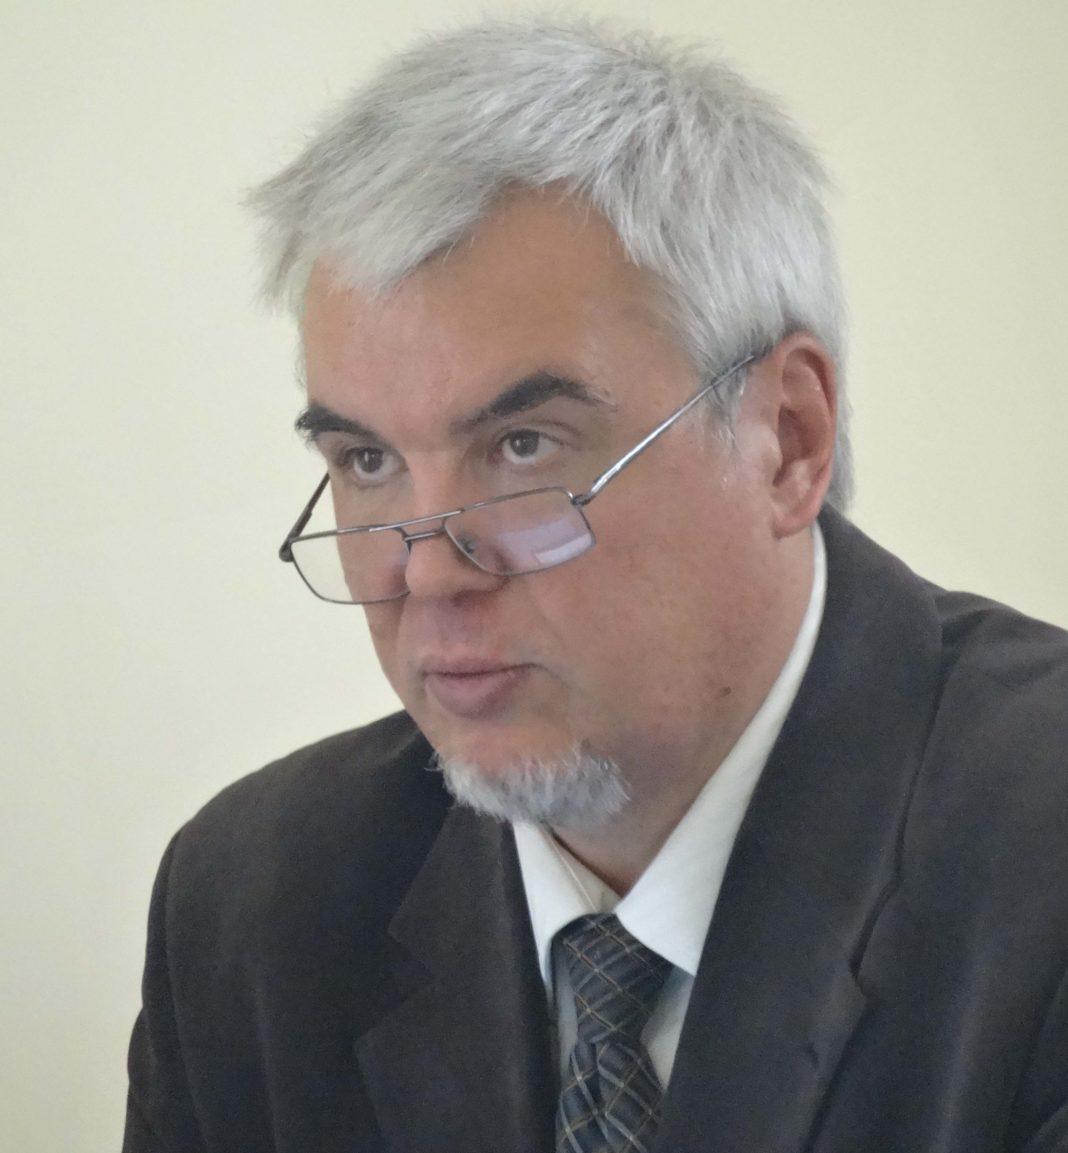 Эксперт Фонда развития гражданского общества Роман Евстифеев. Фото из личного архива